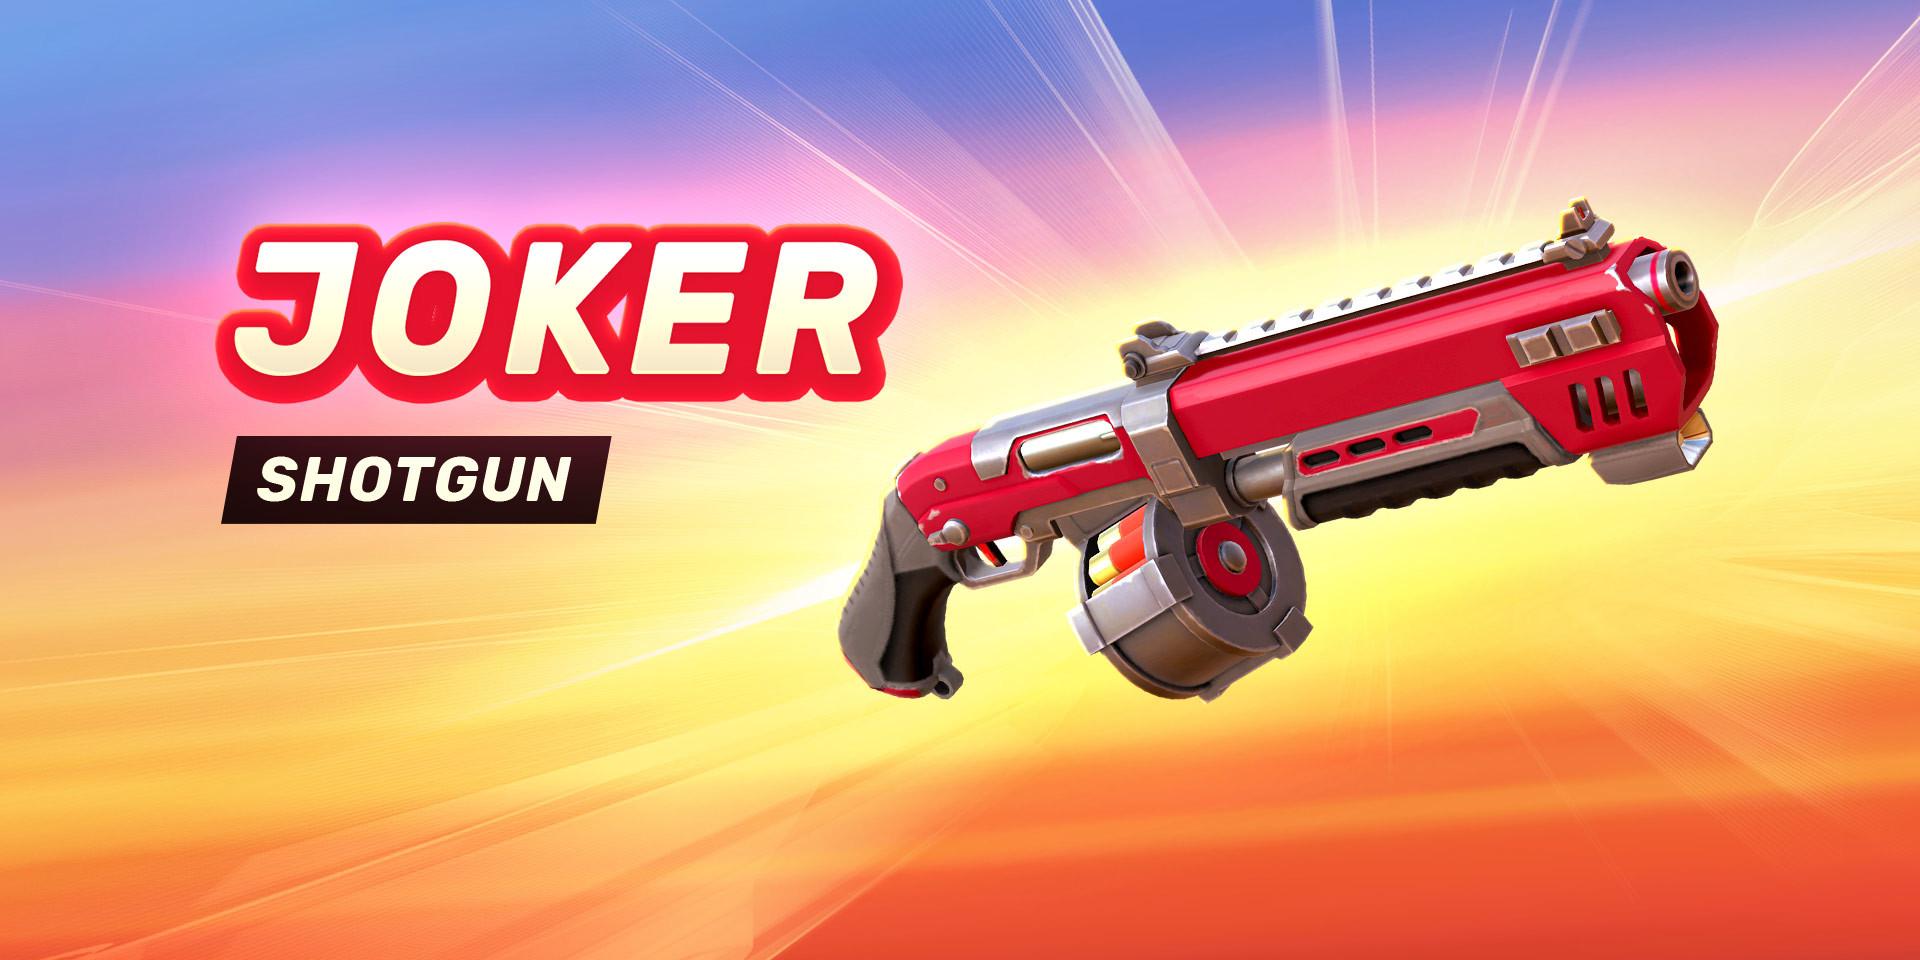 gunsopedia-joker-T15mwC1kQx